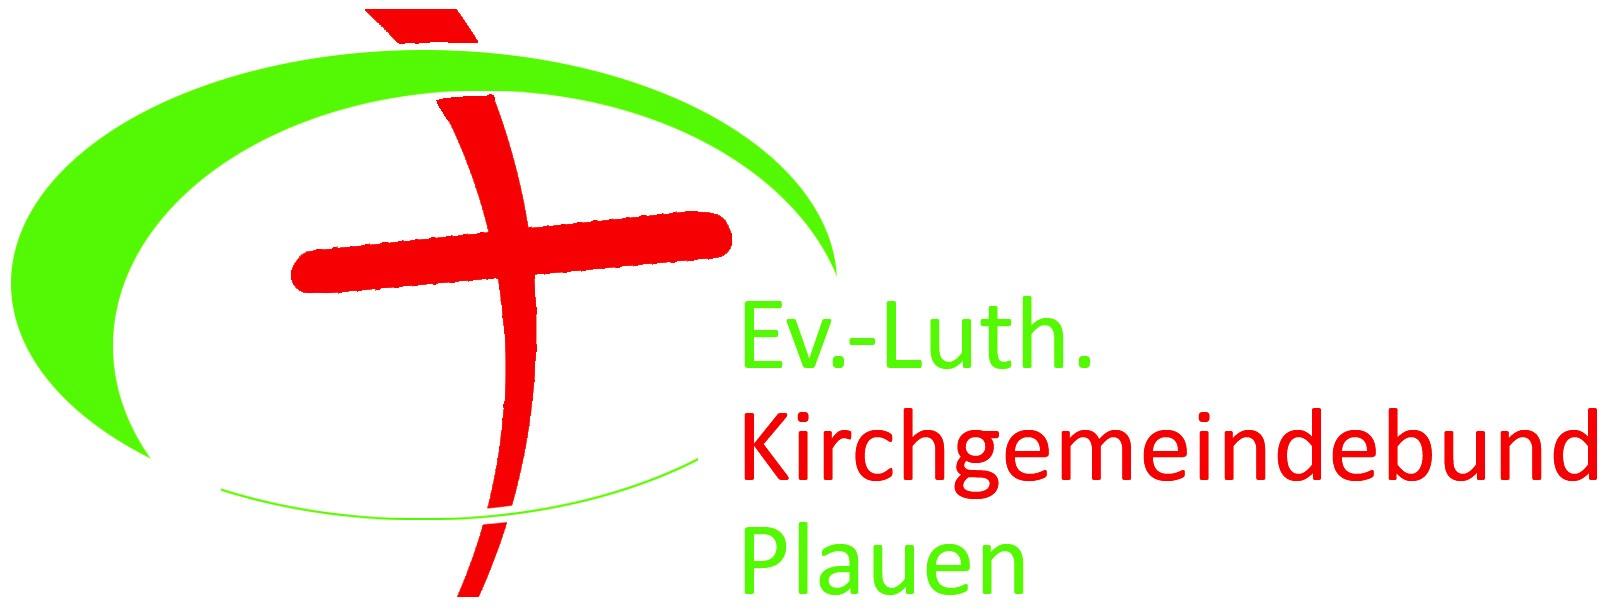 Kirchgemeindbund Plauen